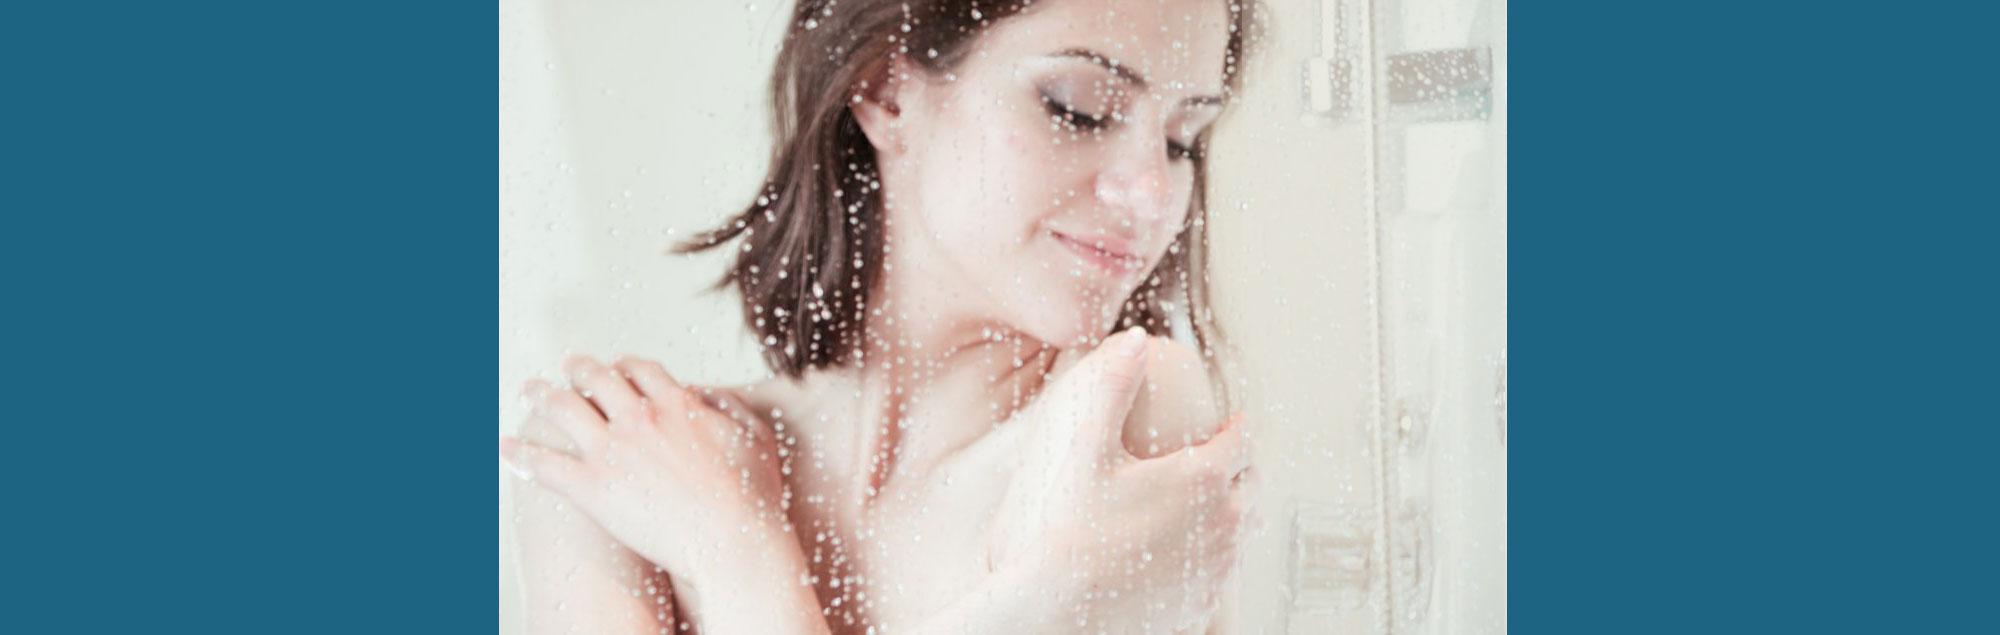 Scharniere und Zubehör für dusche